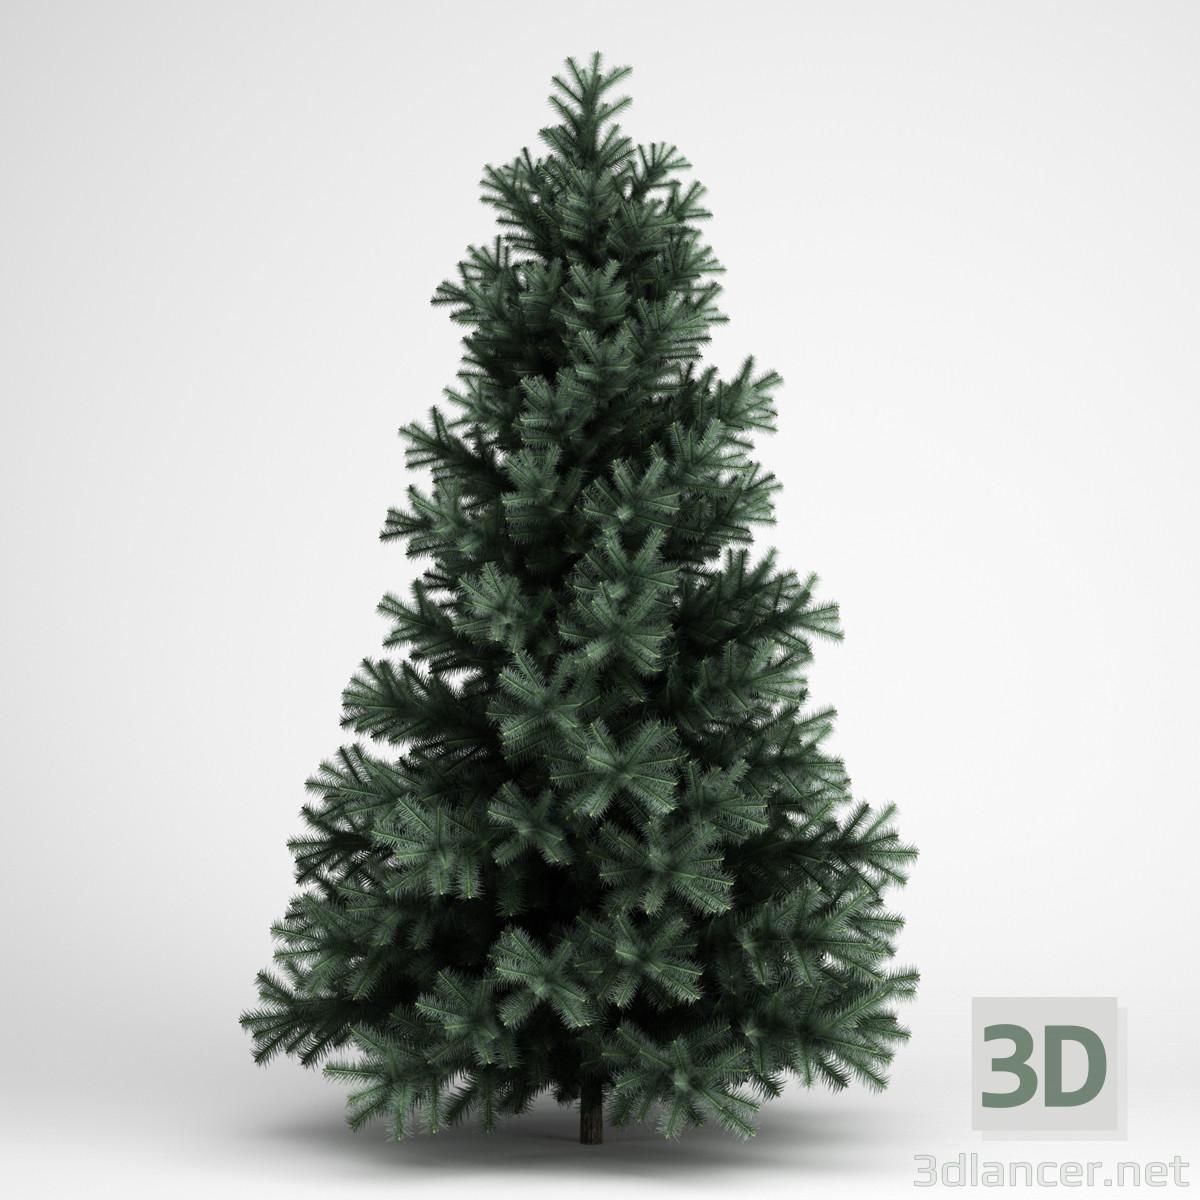 3d modeling Spruce model free download